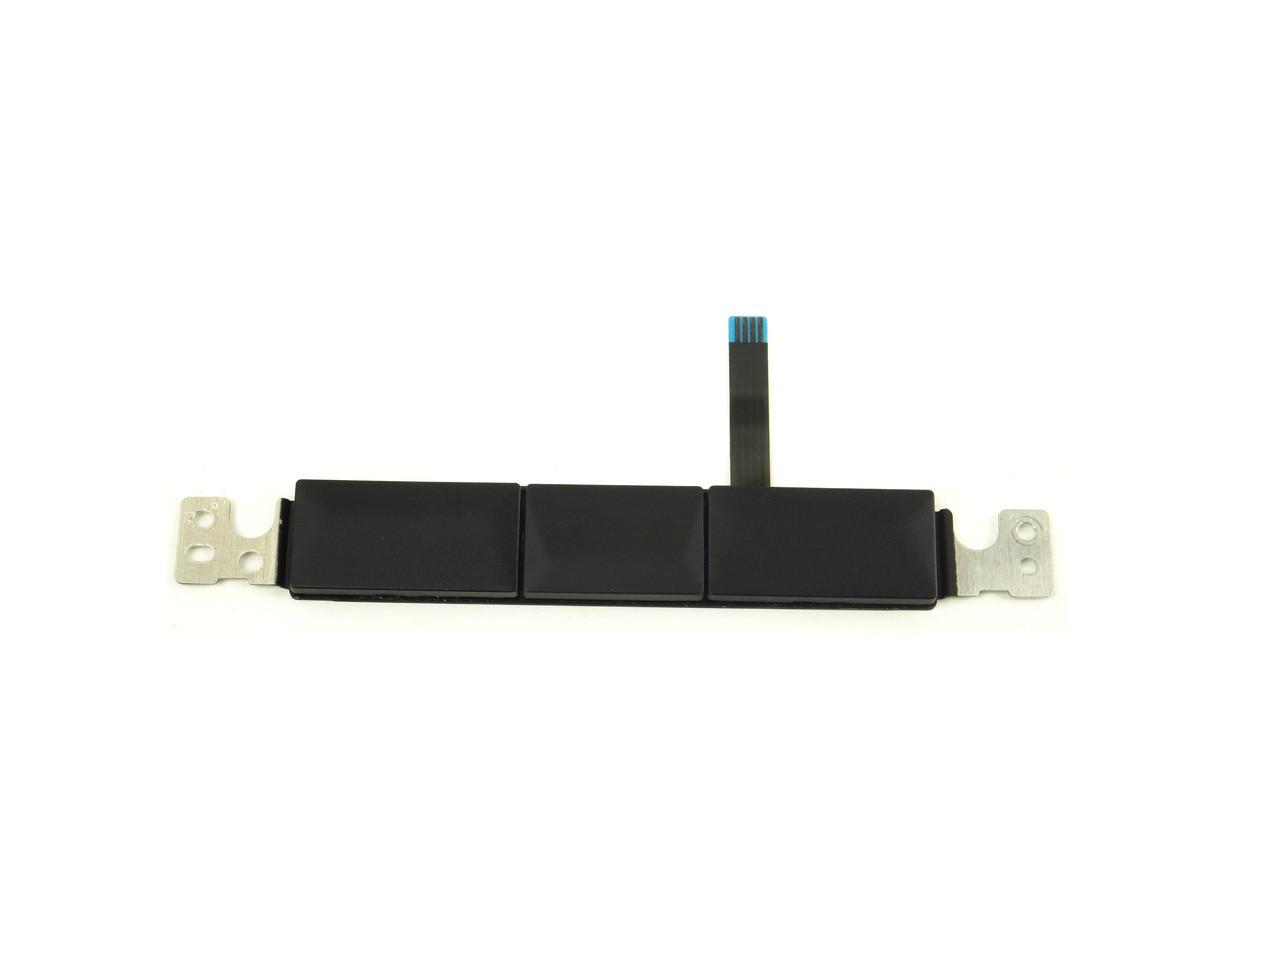 Dell Latitude E5420 / E5520 / E5530 Upper Left and Right Mouse Buttons - A11D02